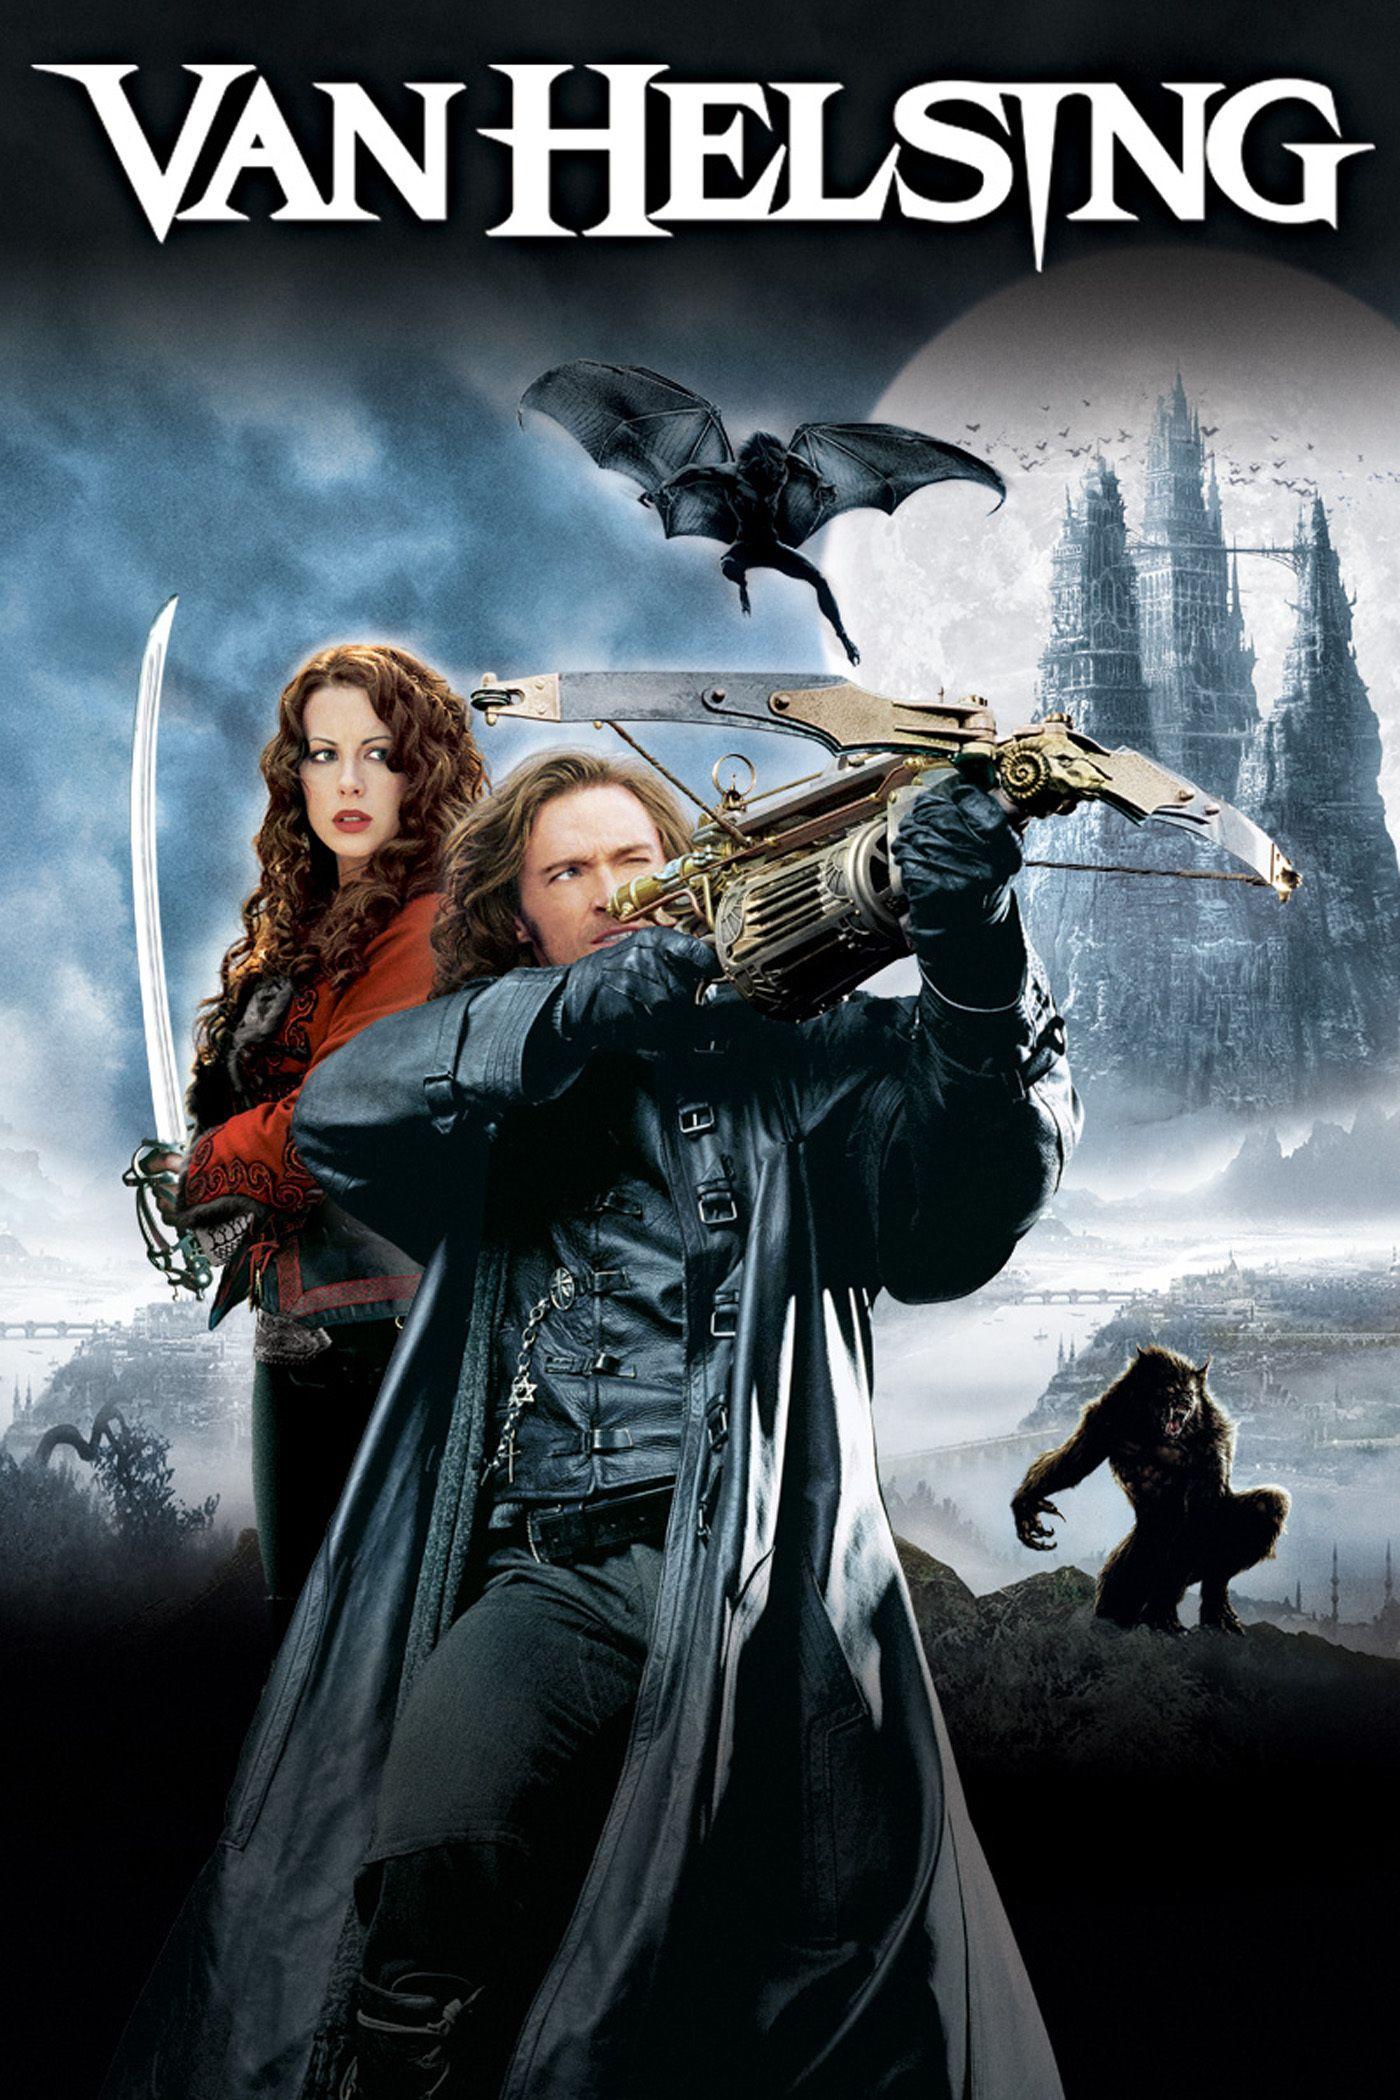 Van Helsing (2004) Movie | Vans, Movie and Count dracula